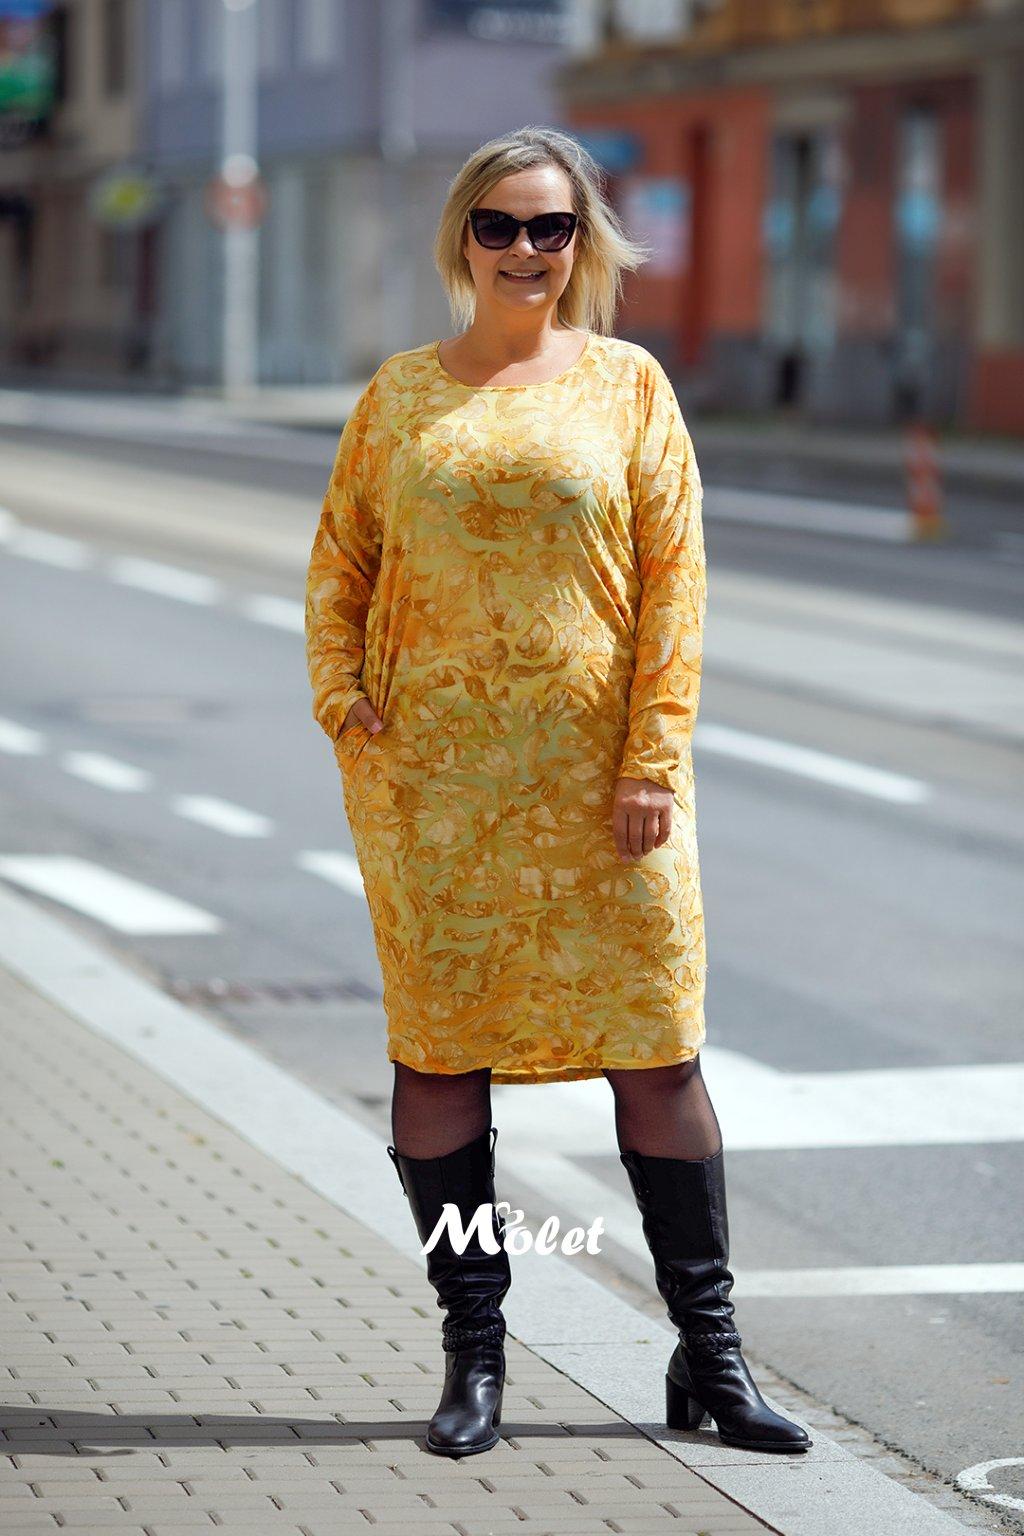 Šaty pro plnoštíhlé Molet.czMGL7502 (1)